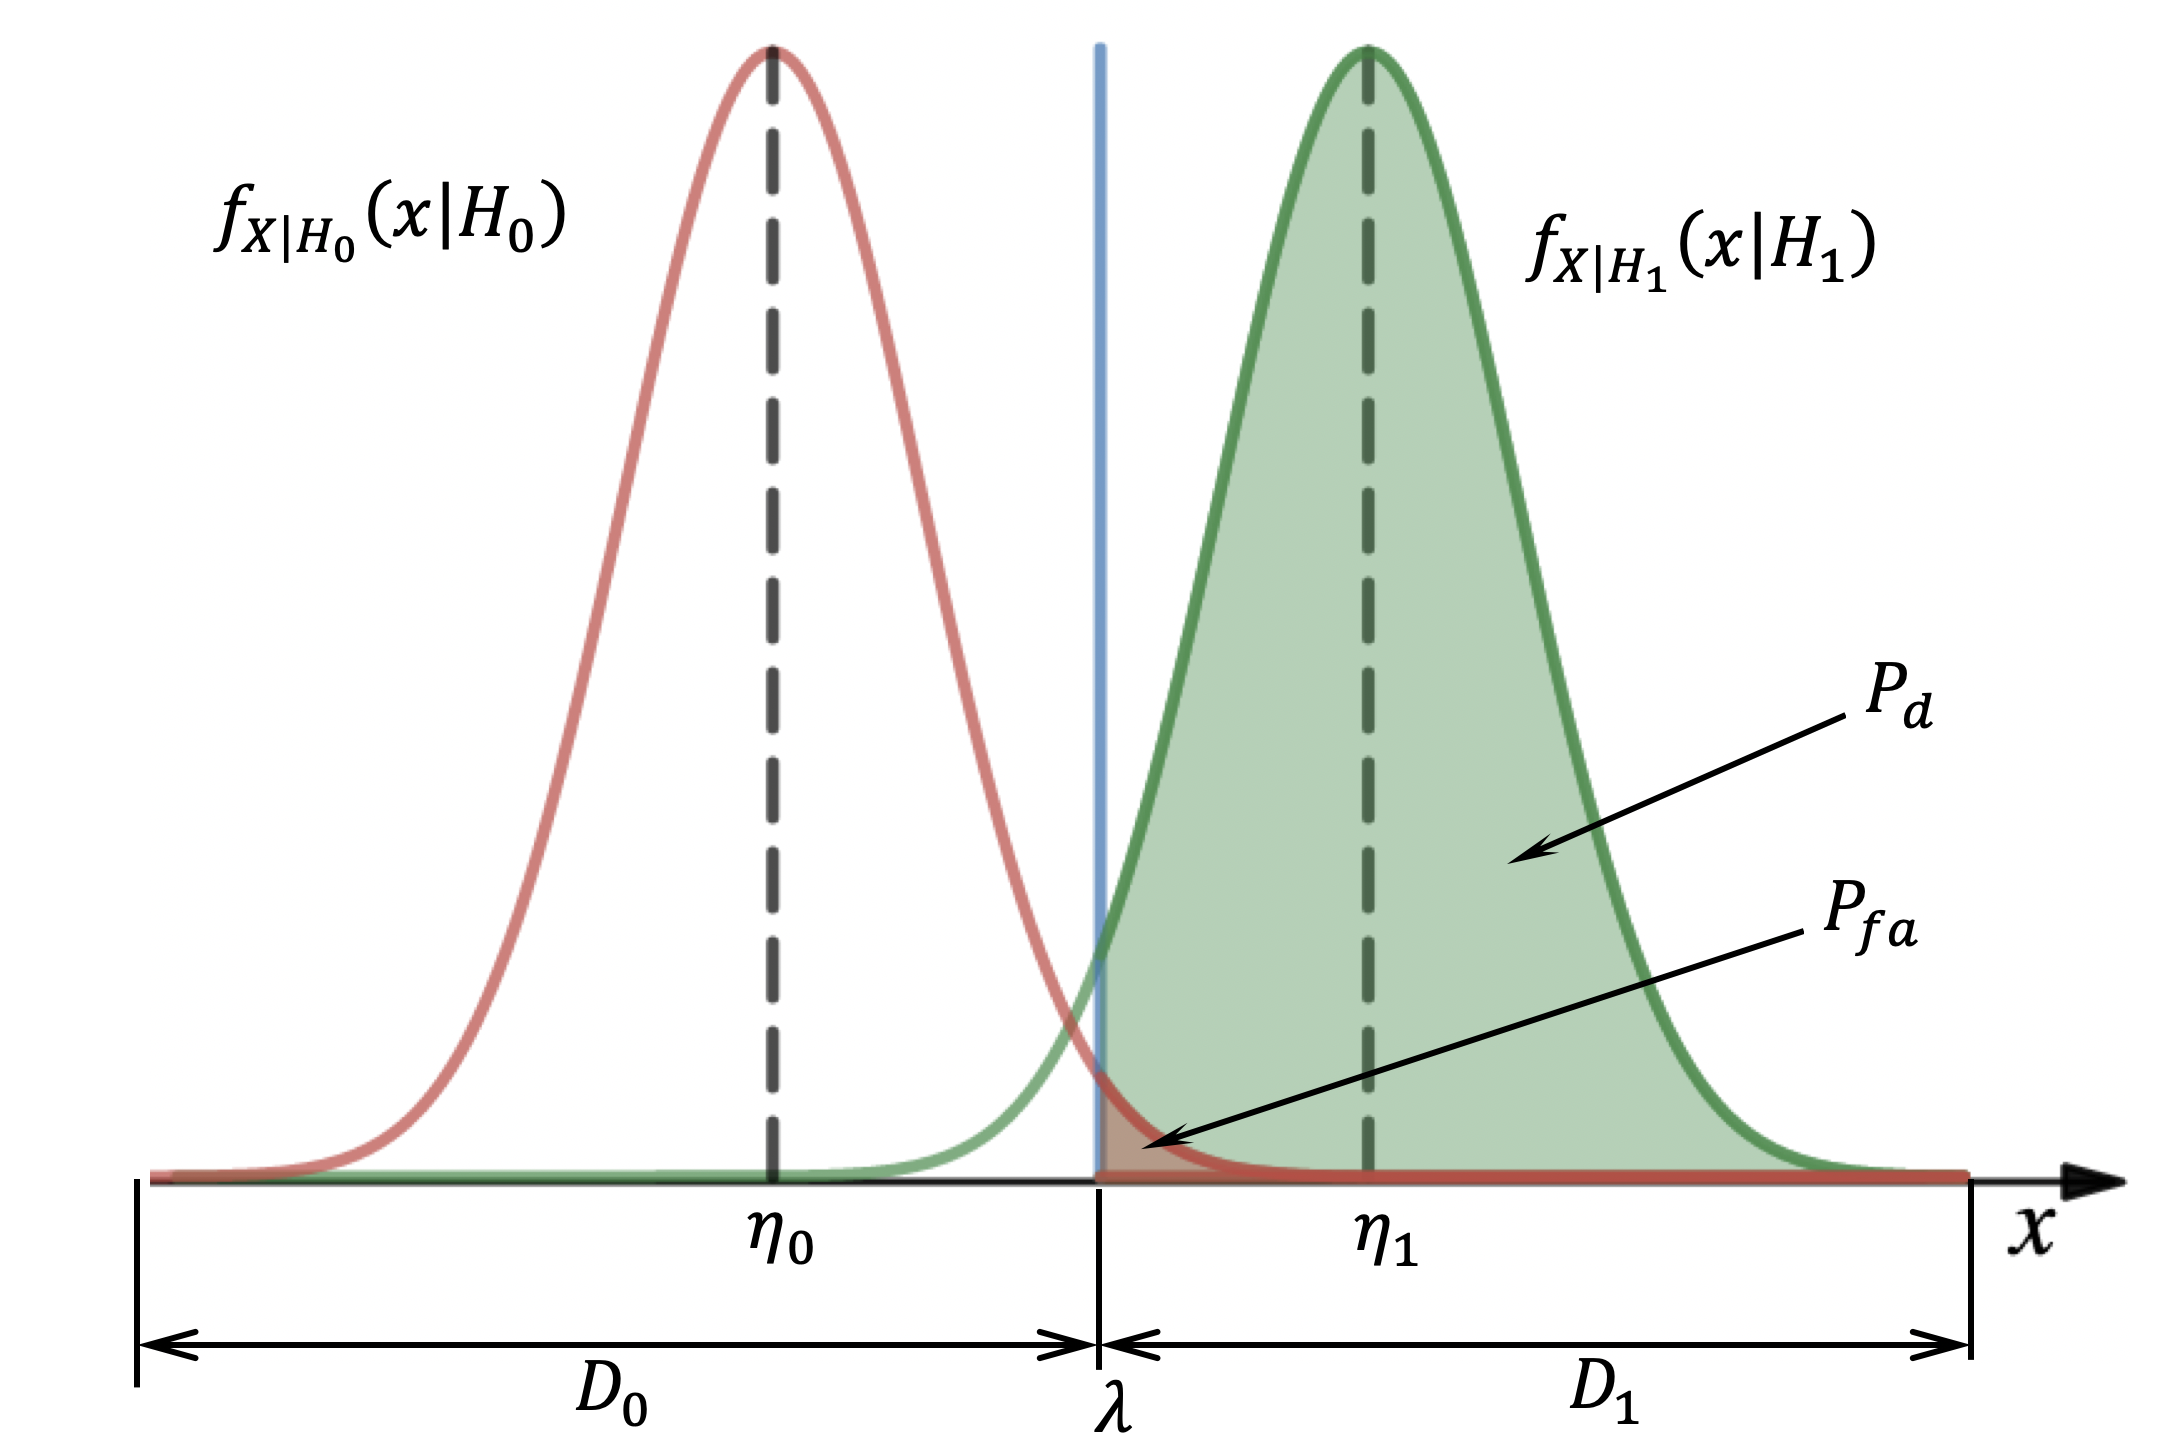 Рис. 4 Вычисление значений P_d и P_fa как площади под кривыми (1)